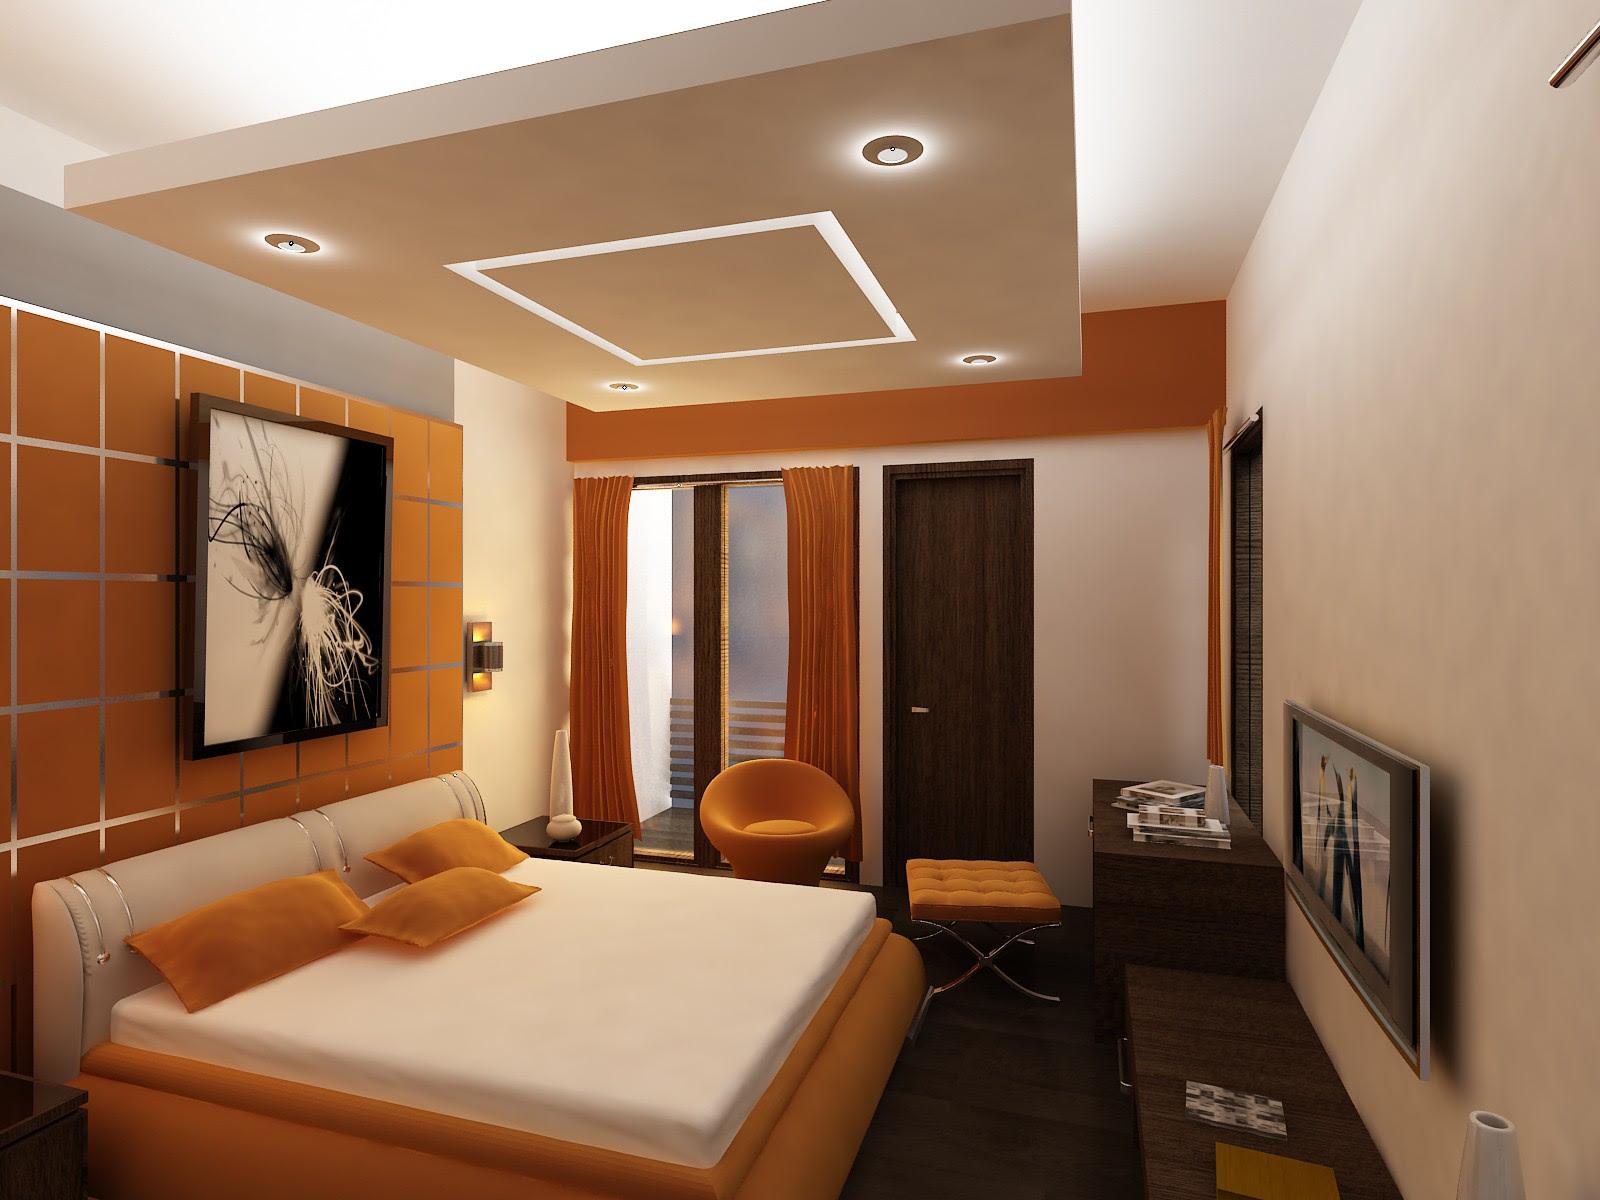 218 Contoh Desain Kamar Tidur Hotel Minimalis Mewah Gambar